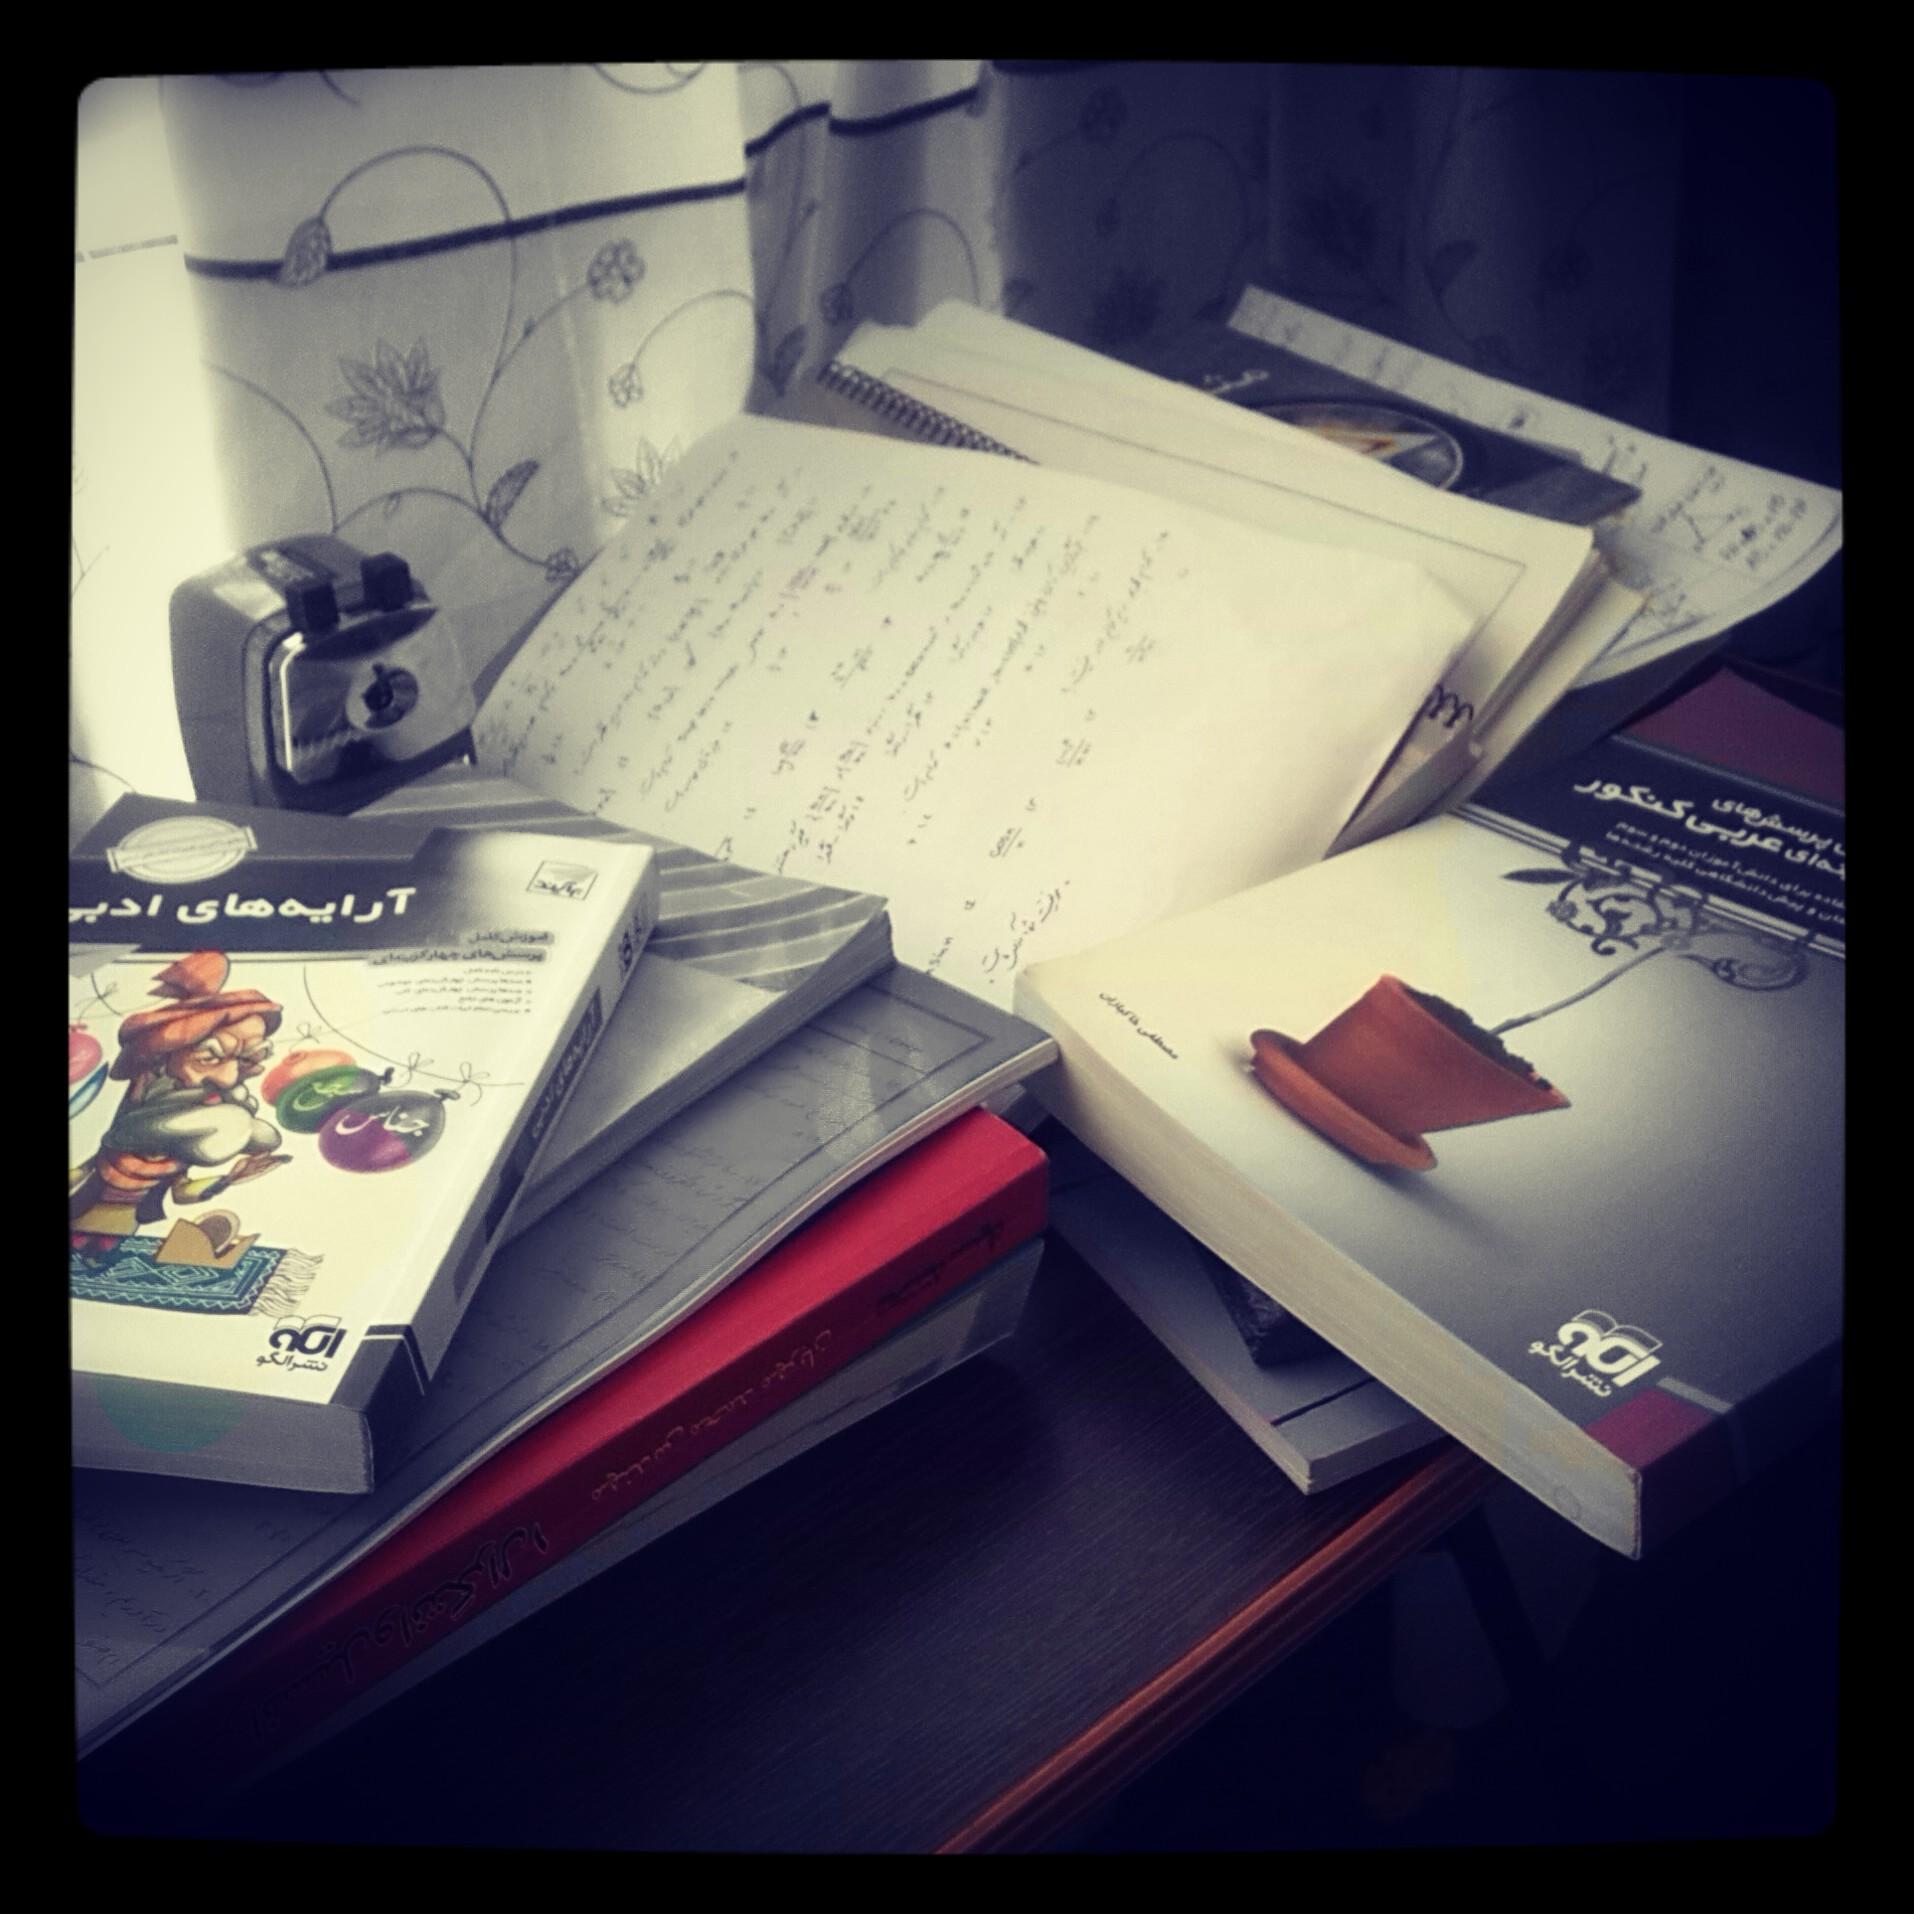 میز مطالعه بهم ریخته :)